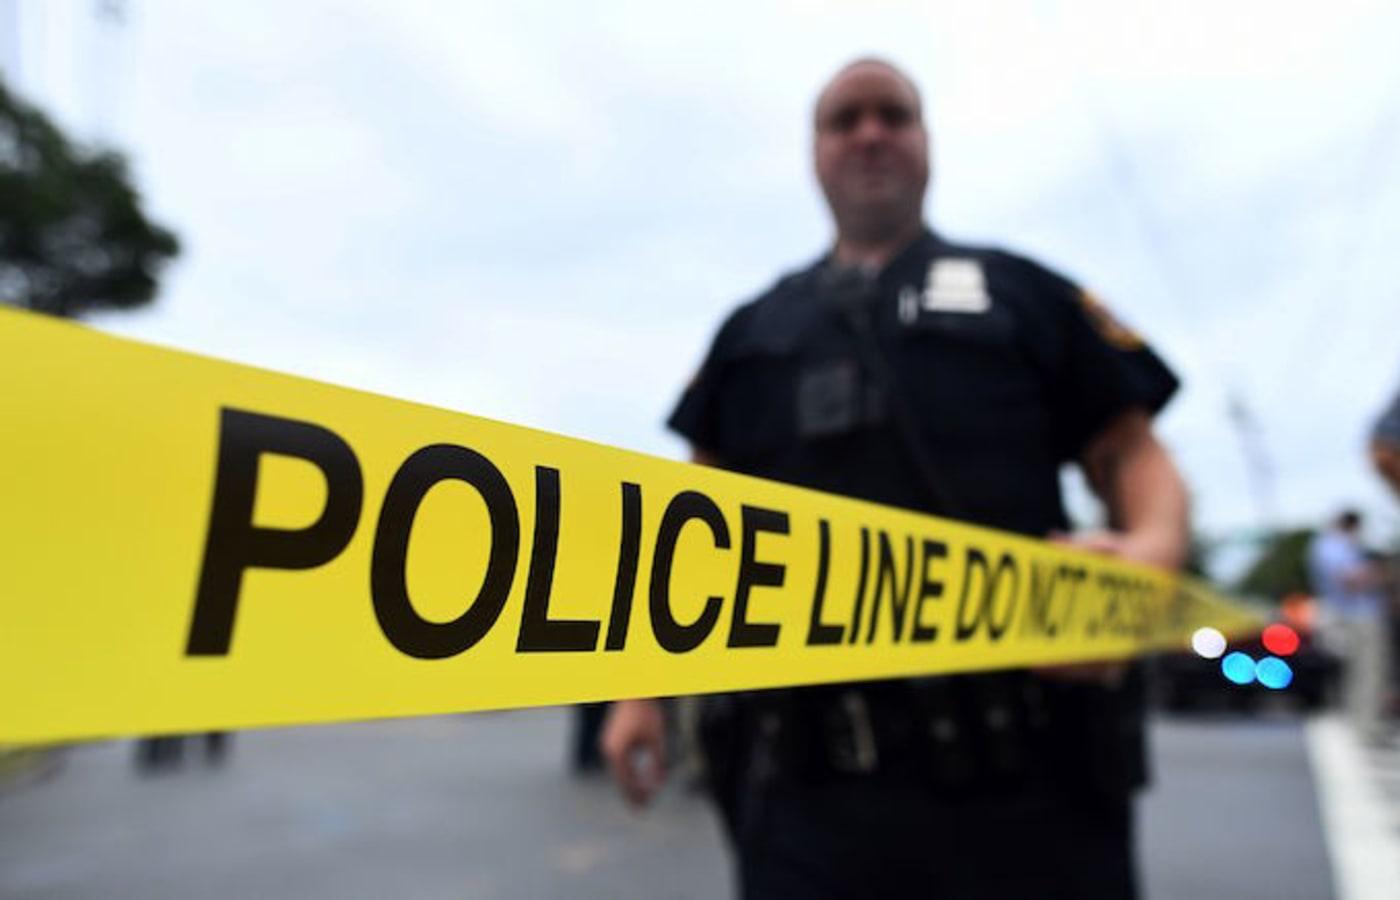 Tape at a police crime scene